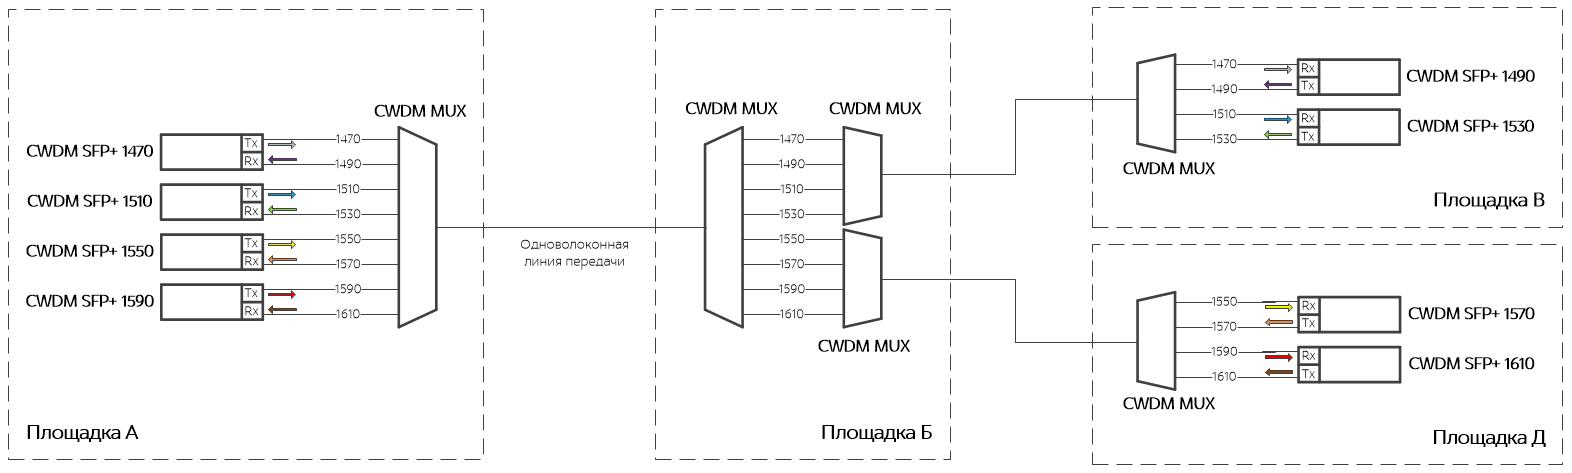 Схема НИИ